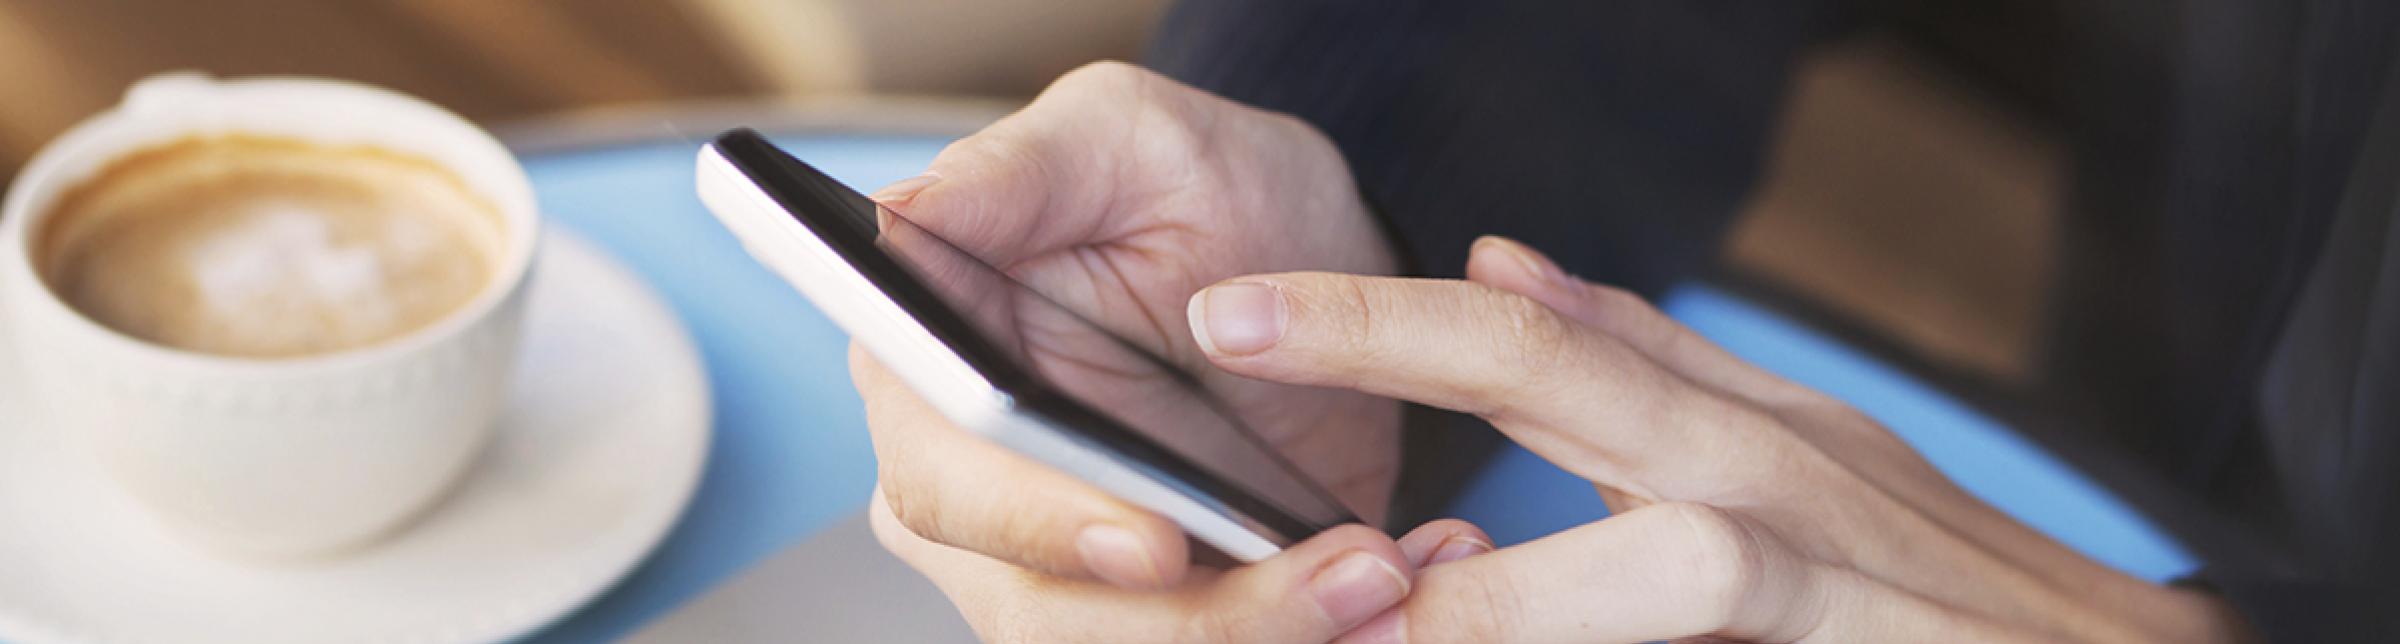 Immagine che rappresenta una persona che sta utilizzando un cellulare seduta ad un tavolo